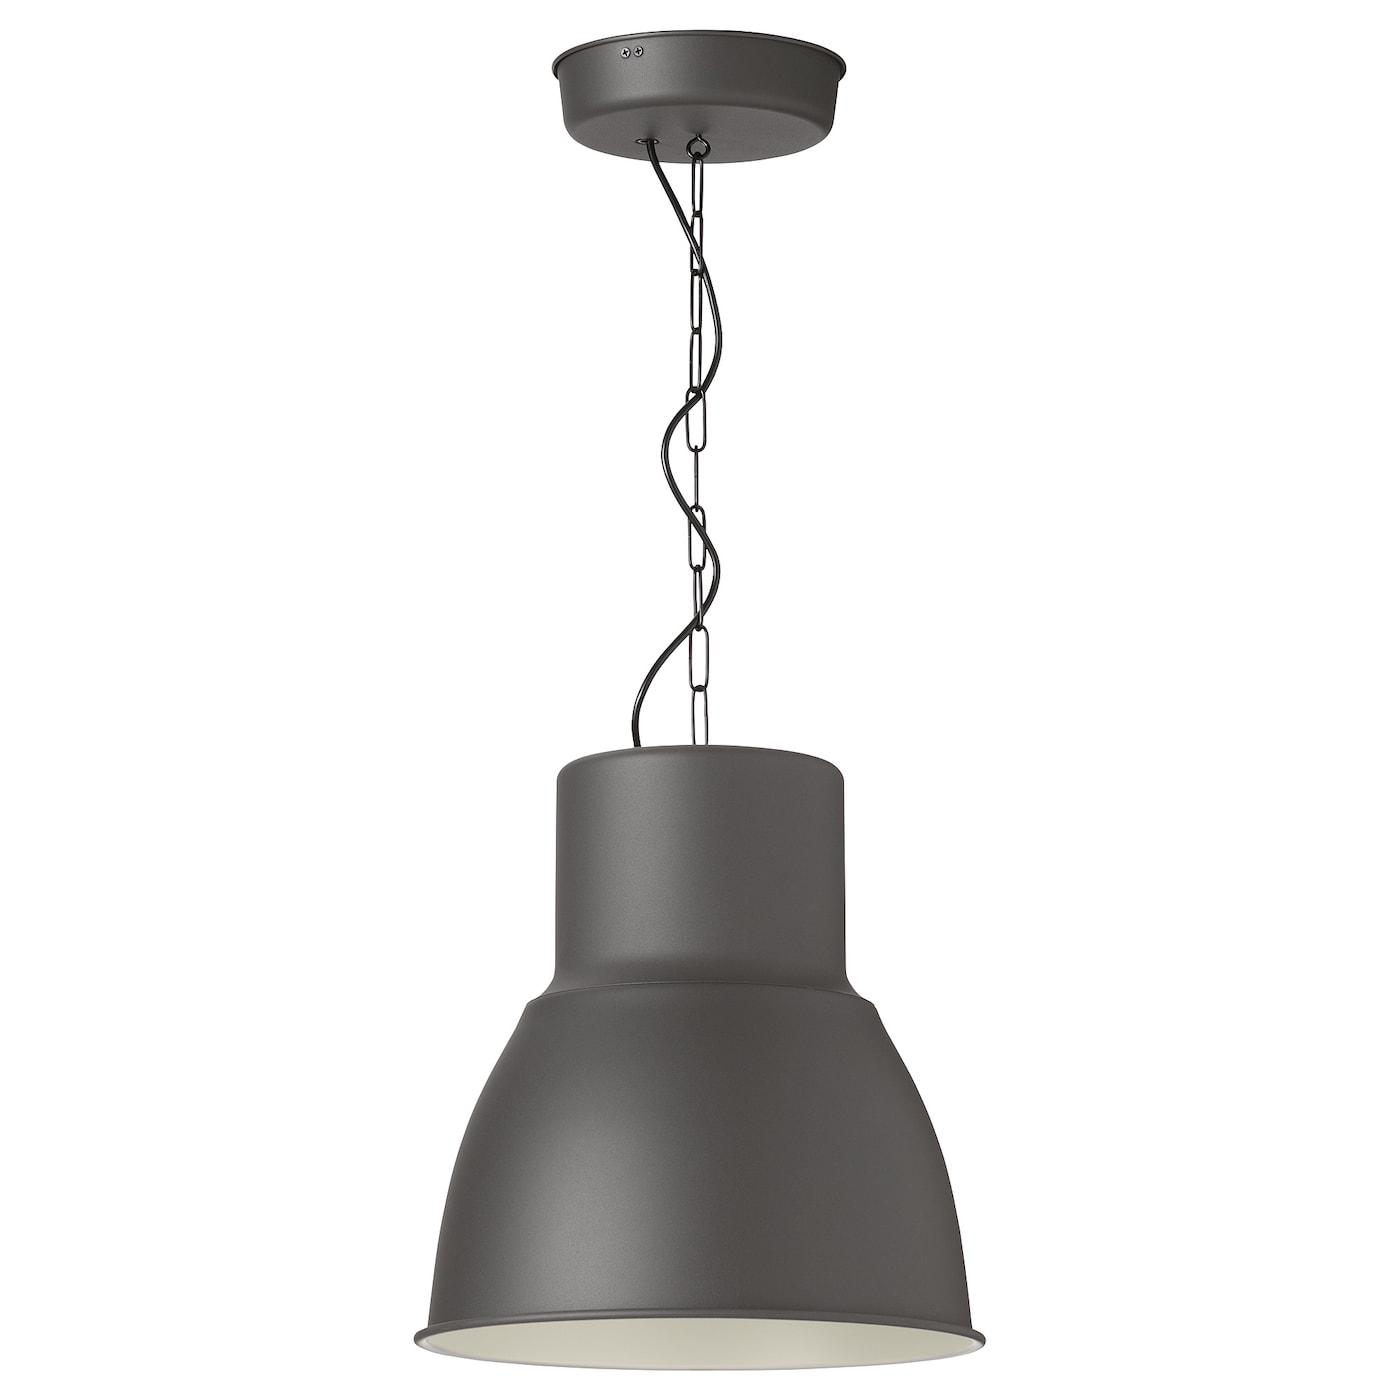 Full Size of Lampen Wohnzimmer Decke Ikea Hektar Hngeleuchte Dunkelgrau Deutschland Deckenleuchte Bad Betten Bei Deckenlampen Modern Stehlampe Deckenleuchten Schlafzimmer Wohnzimmer Lampen Wohnzimmer Decke Ikea